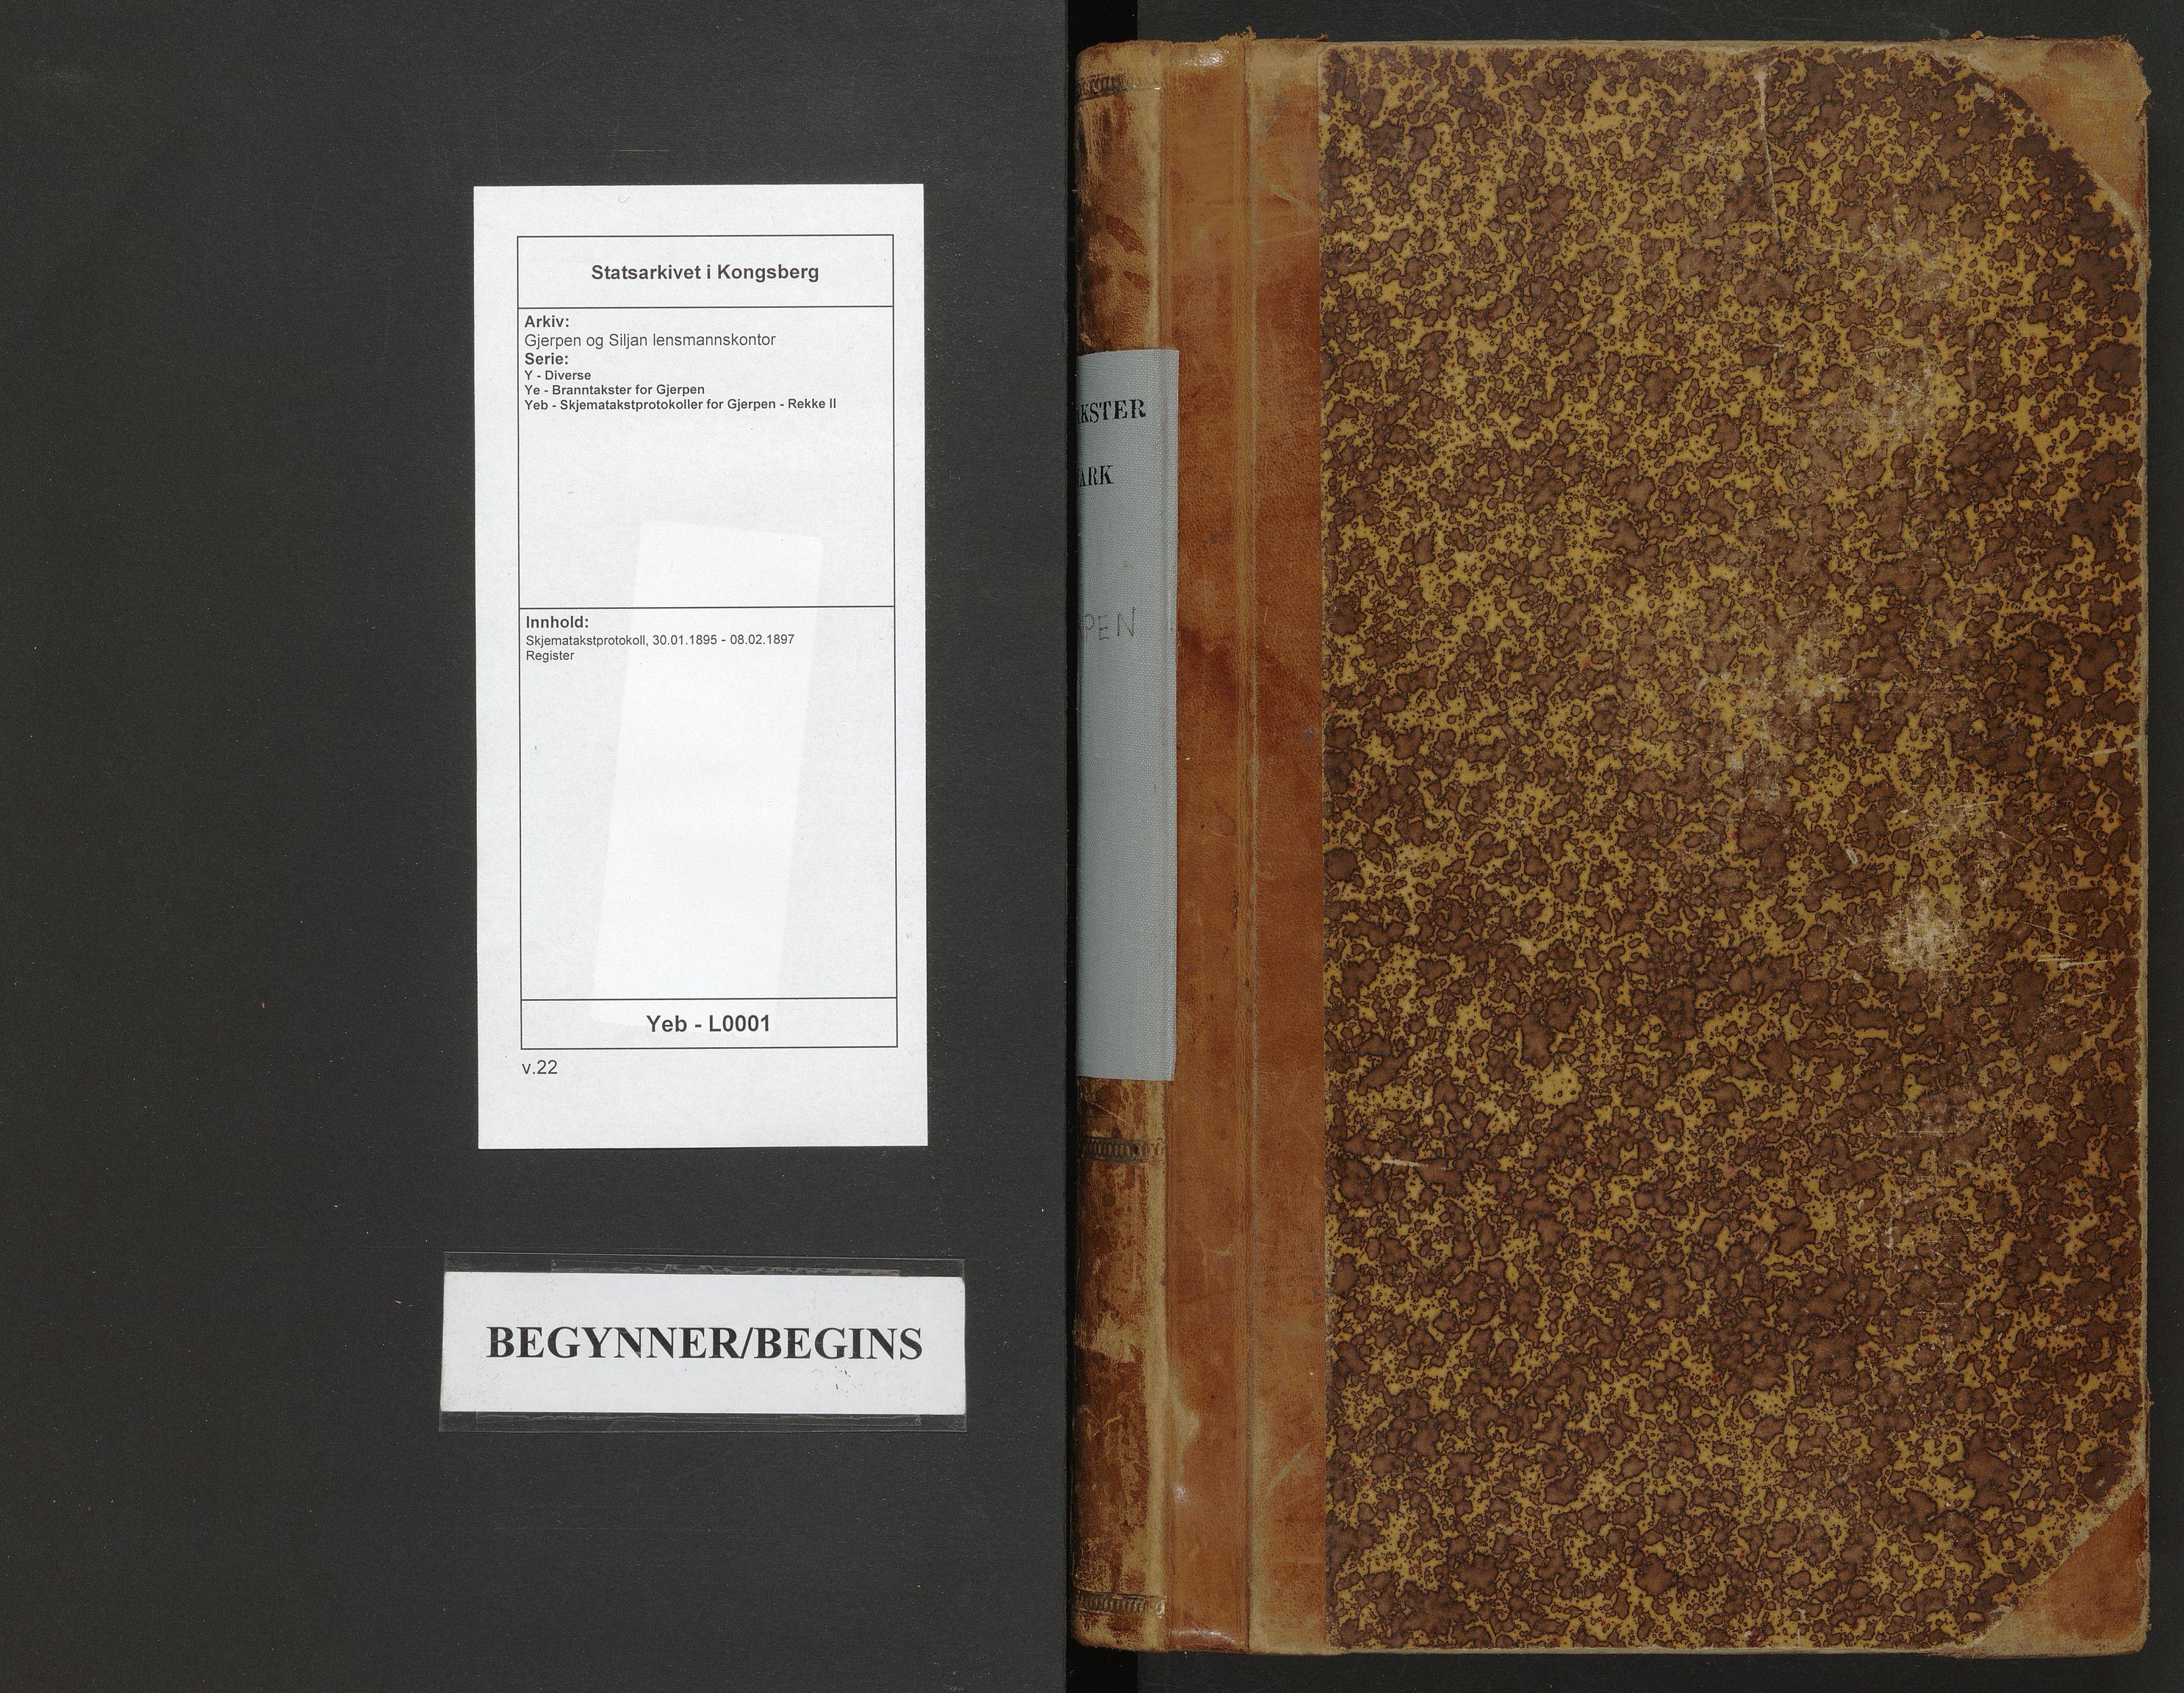 SAKO, Gjerpen og Siljan lensmannskontor, Y/Ye/Yeb/L0001: Skjematakstprotokoll, 1895-1897